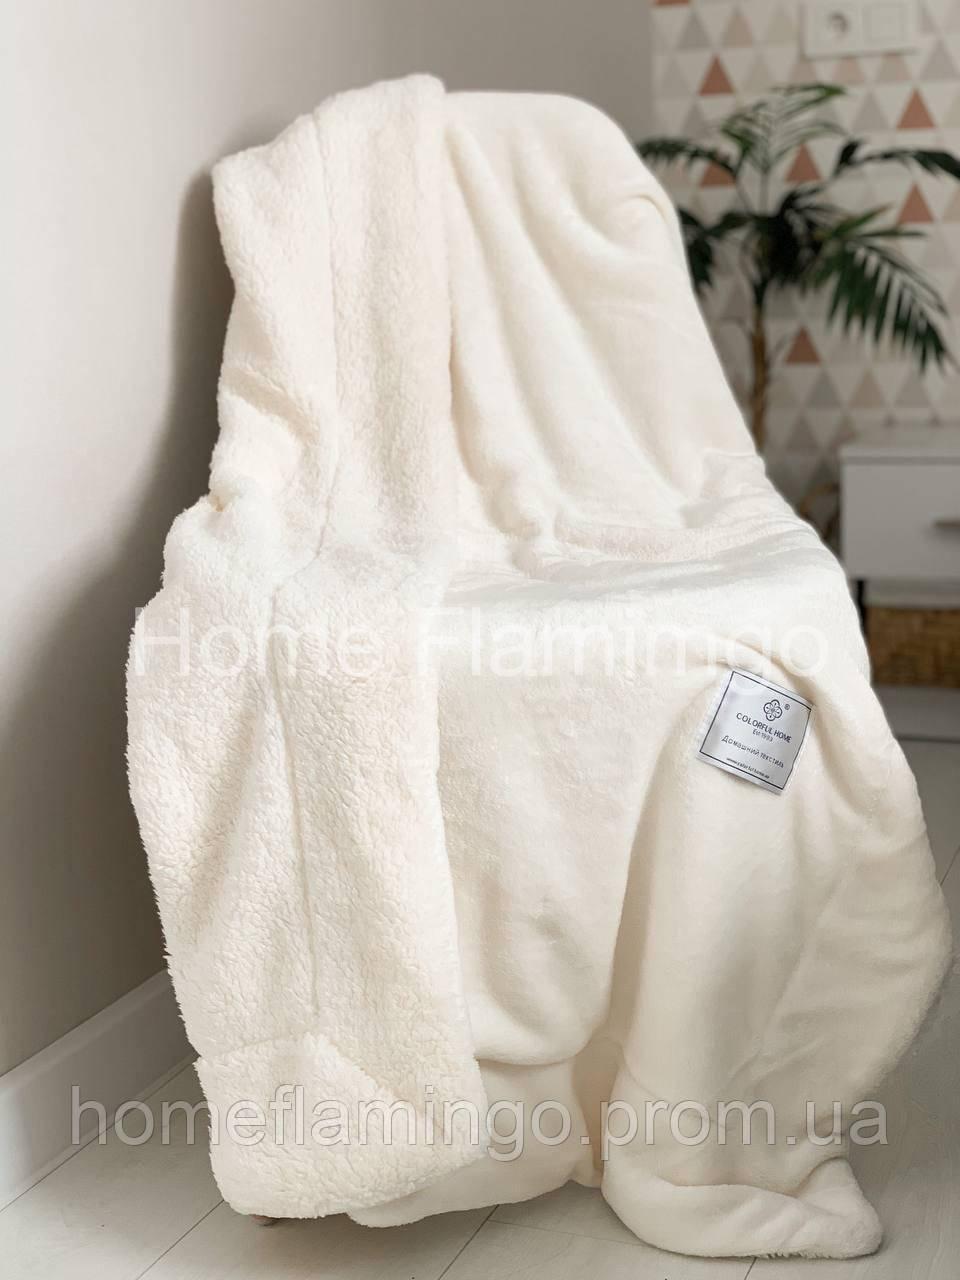 Плед детский двухсторонний теплый с овчины и гладкой микрофибры, цвет молочный Milk CFH 100х130 см